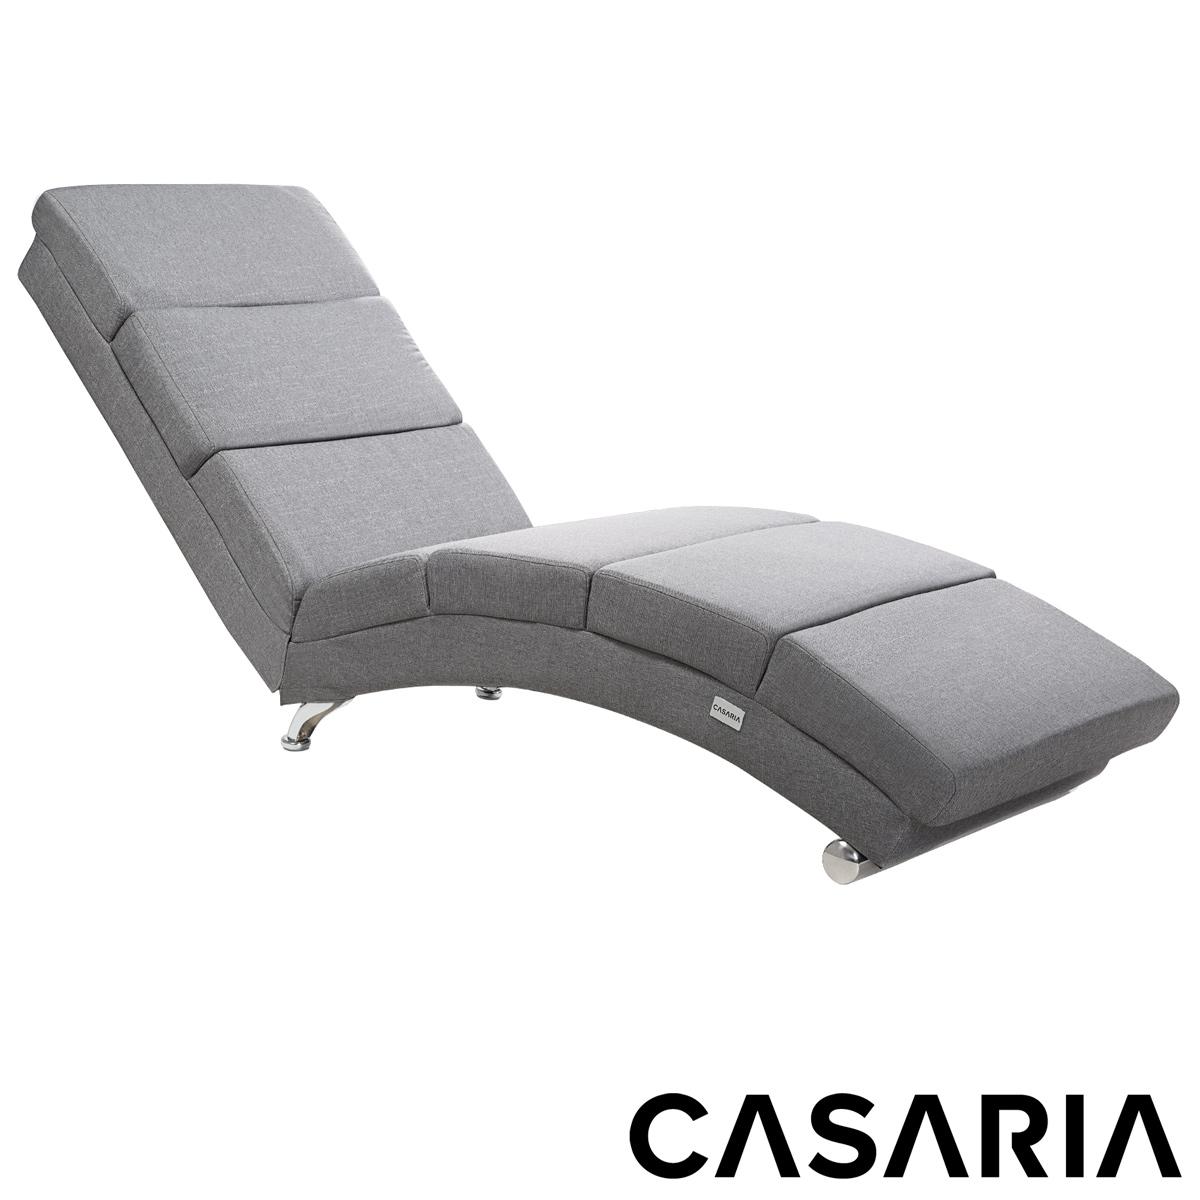 Full Size of Designer Liegestuhl Wohnzimmer Relax Ikea Casaria Relaxliege Liegesessel Massageliege Vorhang Deckenleuchten Led Lampen Vorhänge Decke Decken Landhausstil Wohnzimmer Wohnzimmer Liegestuhl